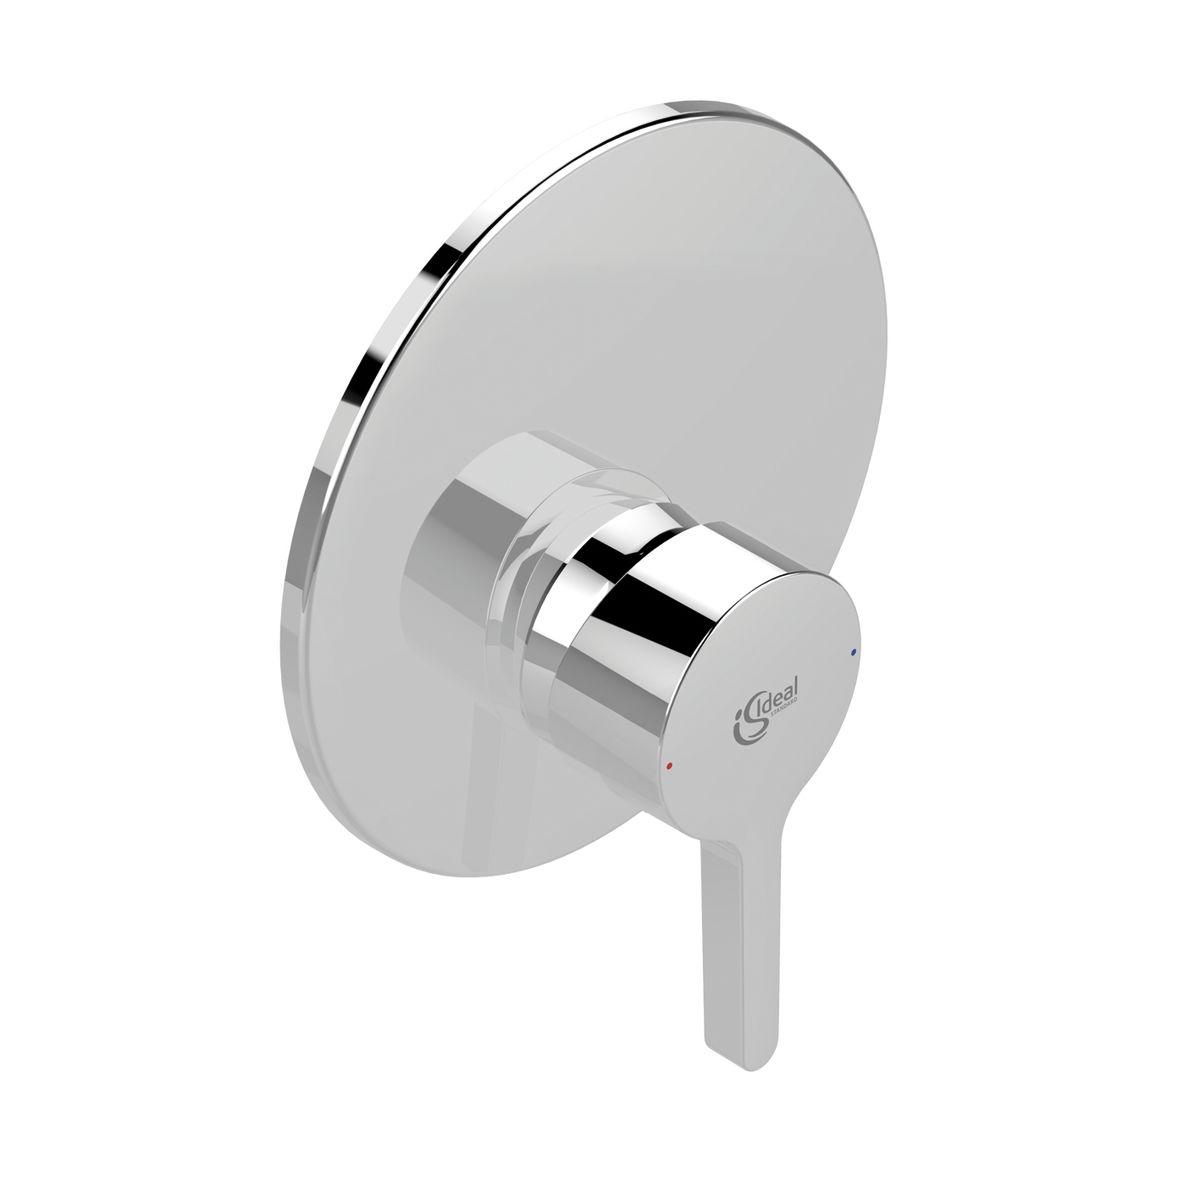 rubinetteria per bagno prezzi: cube miscelatore per bidet by bossini. - Leroy Merlin Rubinetti Bagno